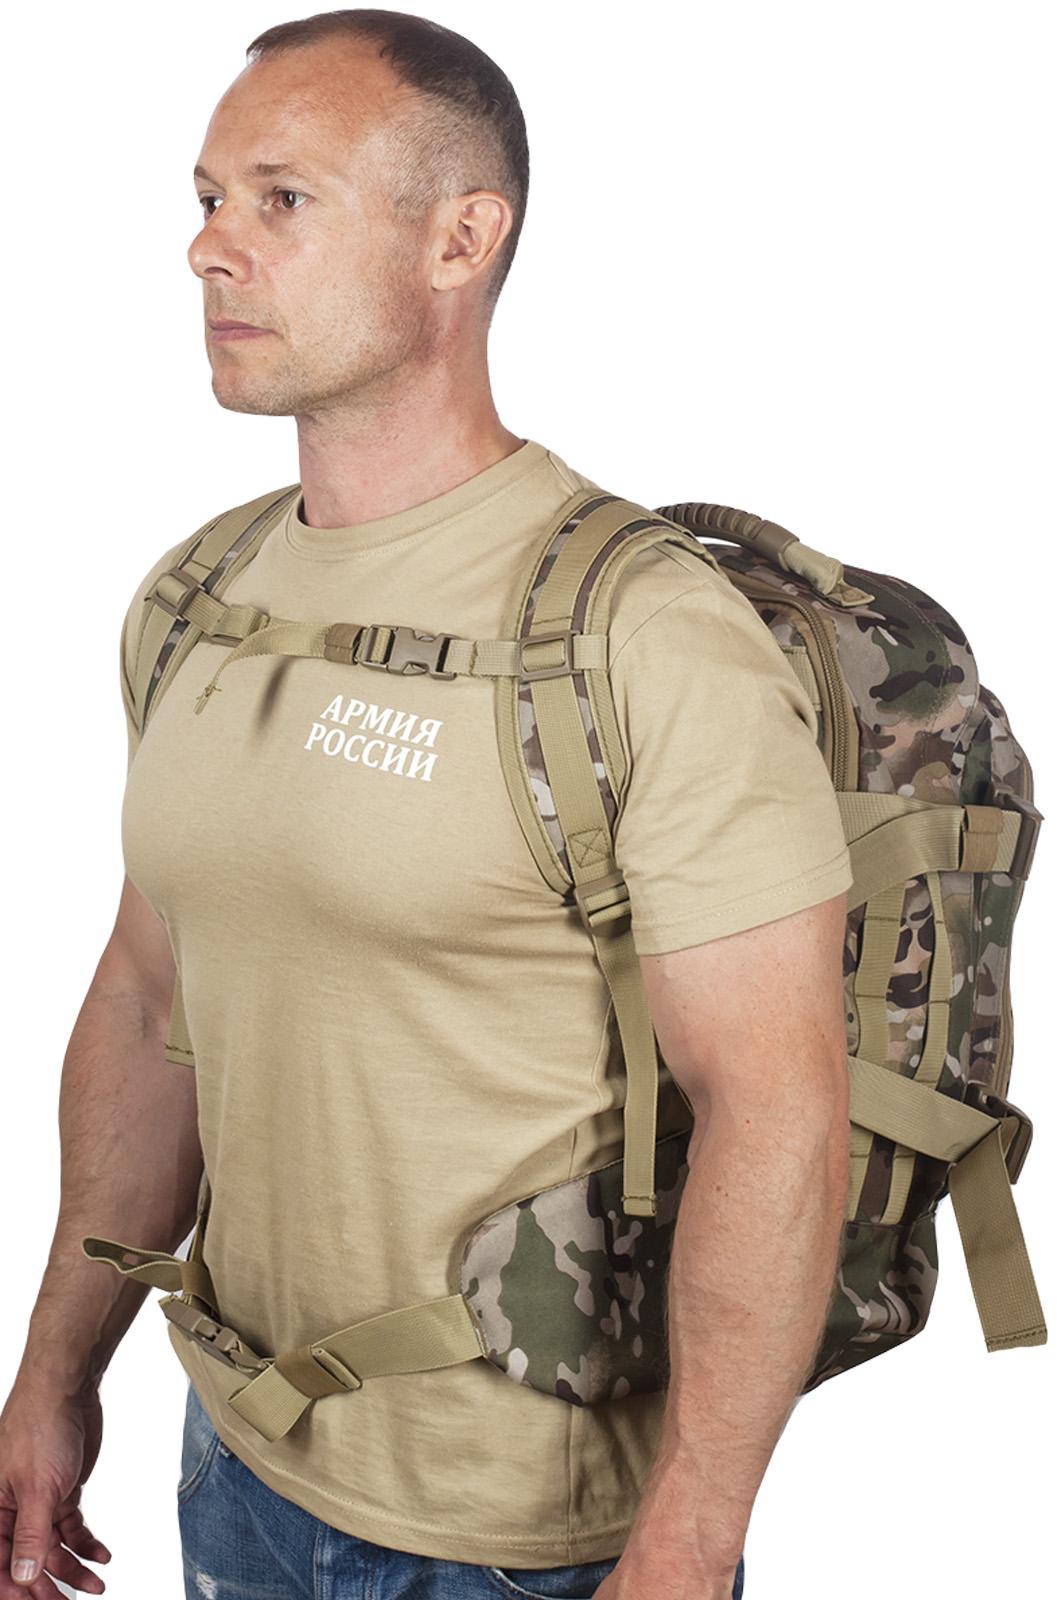 Зачетный вместительный рюкзак с нашивкой Танковые Войска - купить оптом